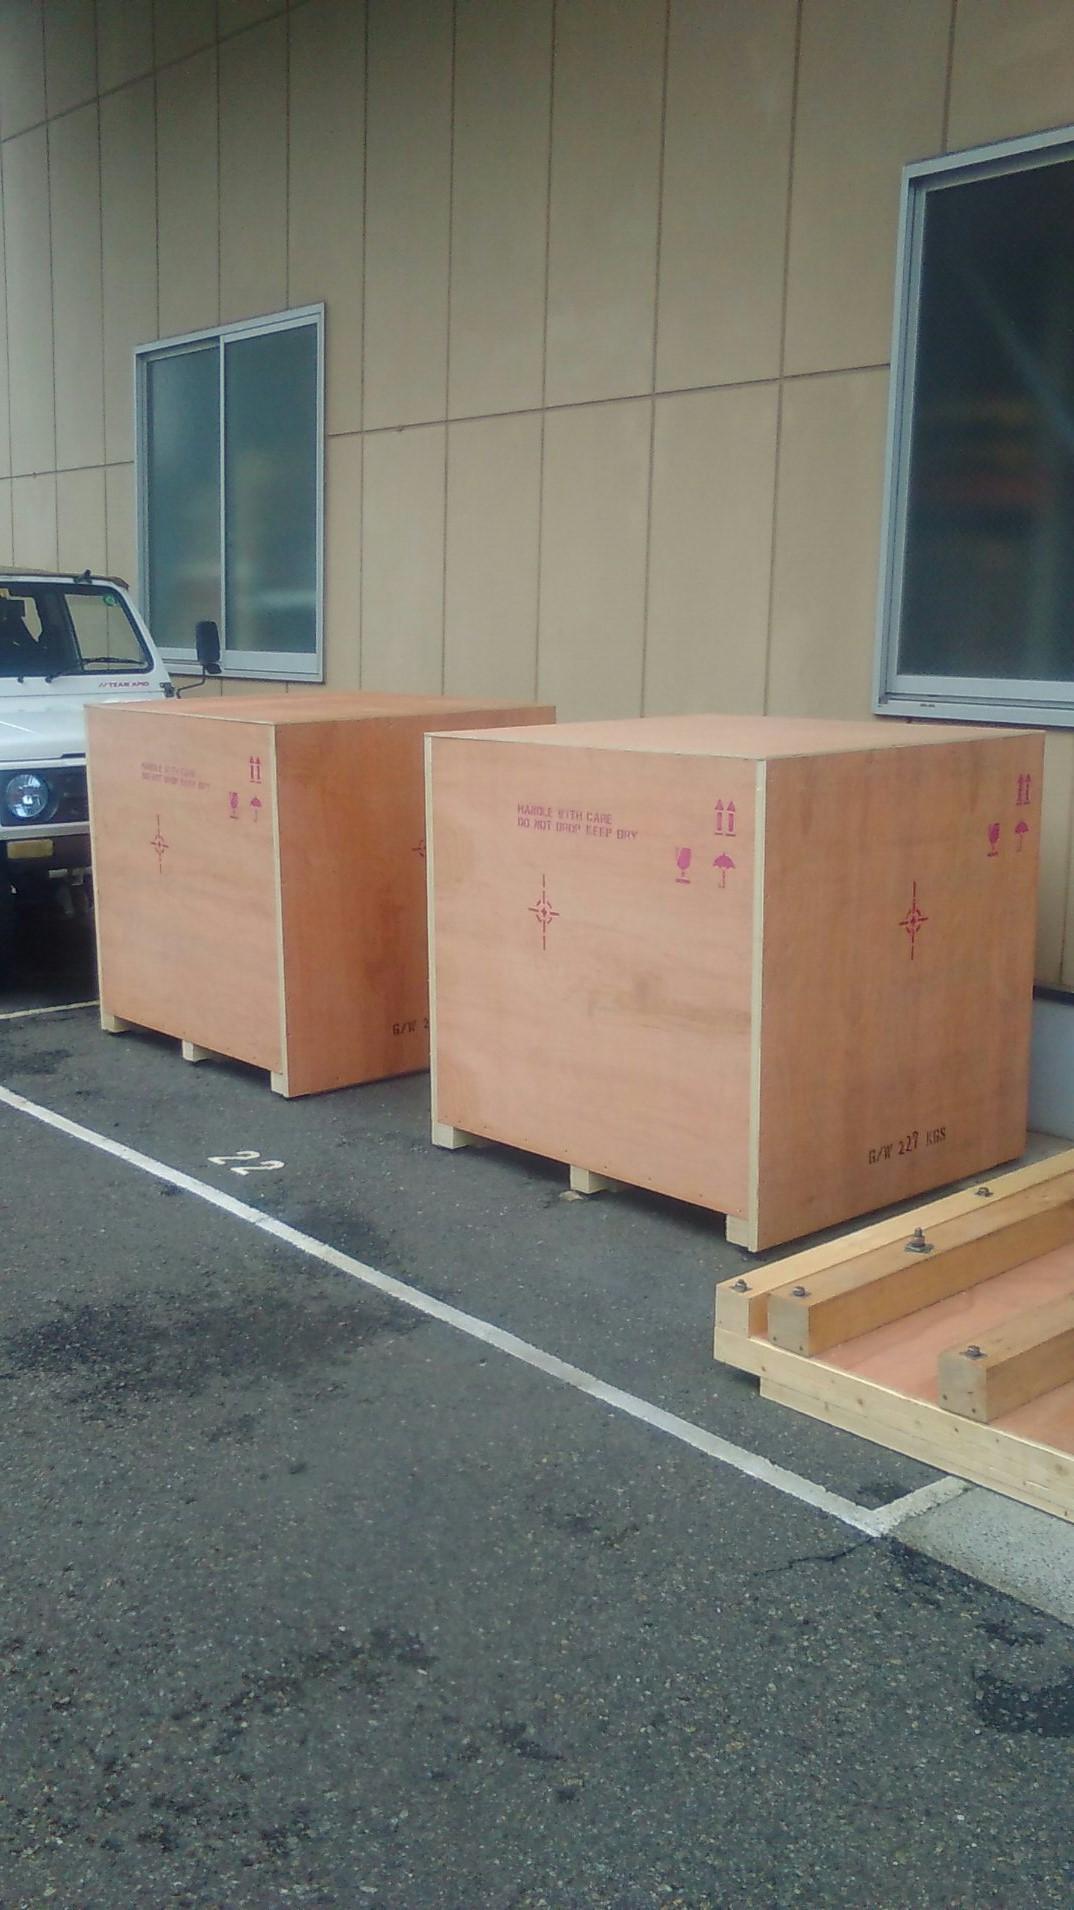 【アンテーク家具 梱包】美術品・楽器・高級家具物流(梱包・輸送・保管)comブログ